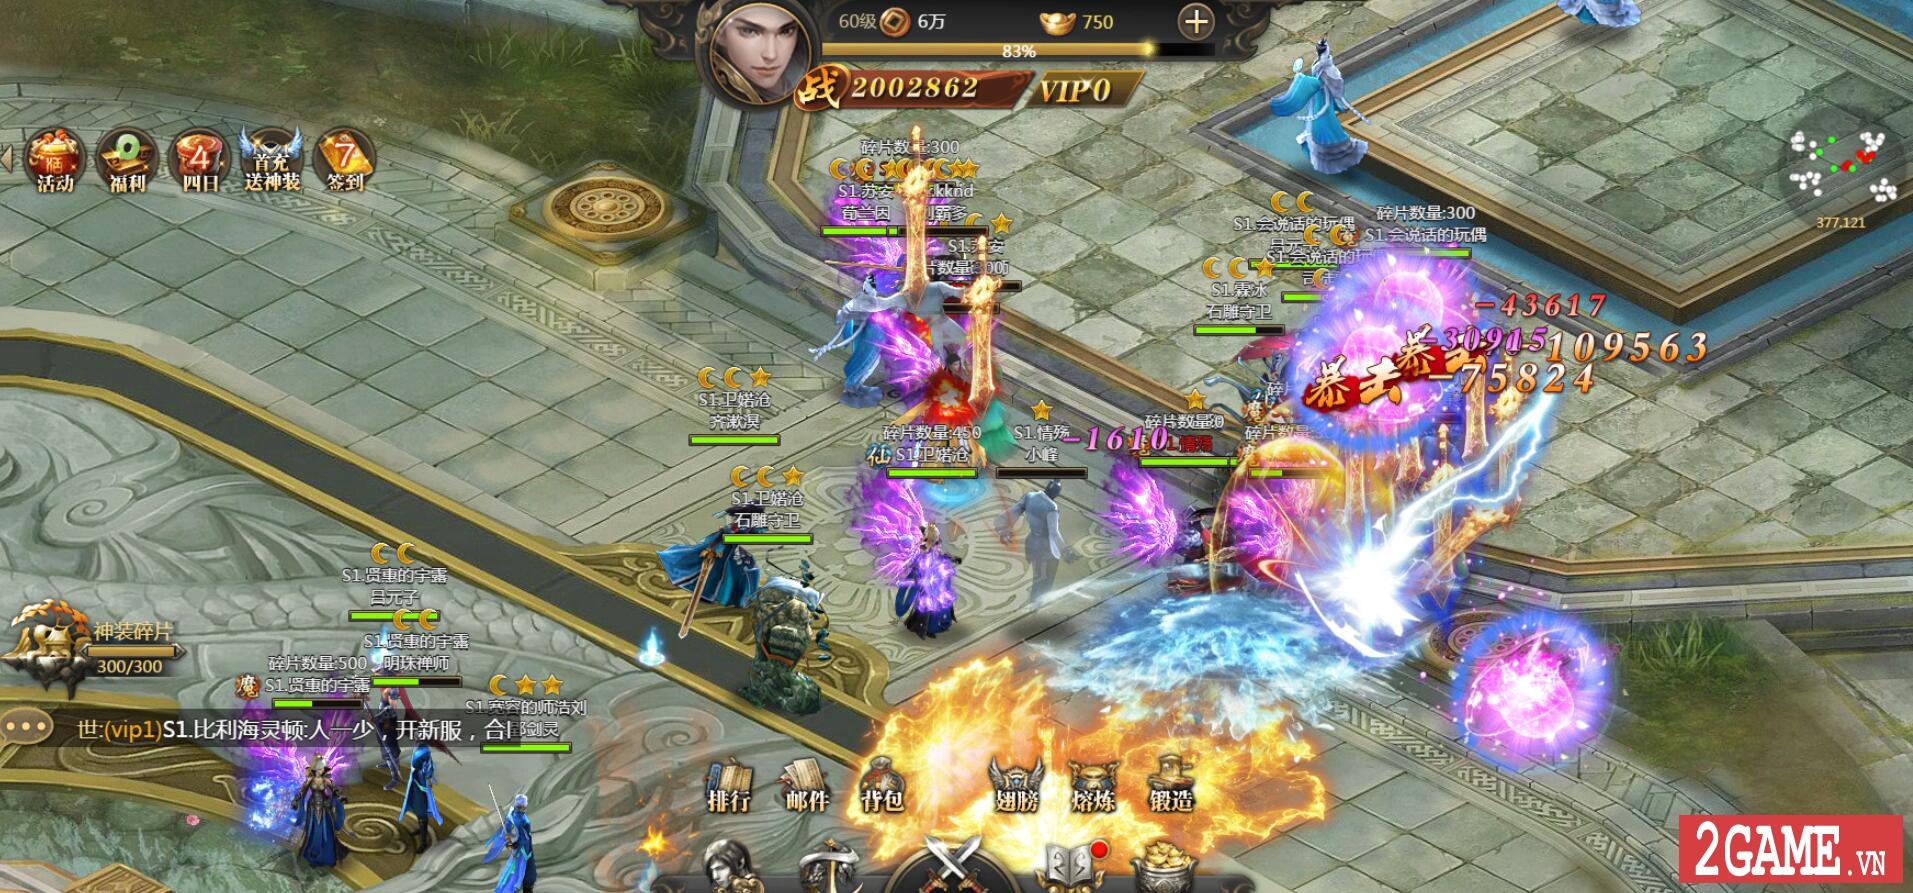 Top 7 game online nhập vai sắp đến tay game thủ Việt 5